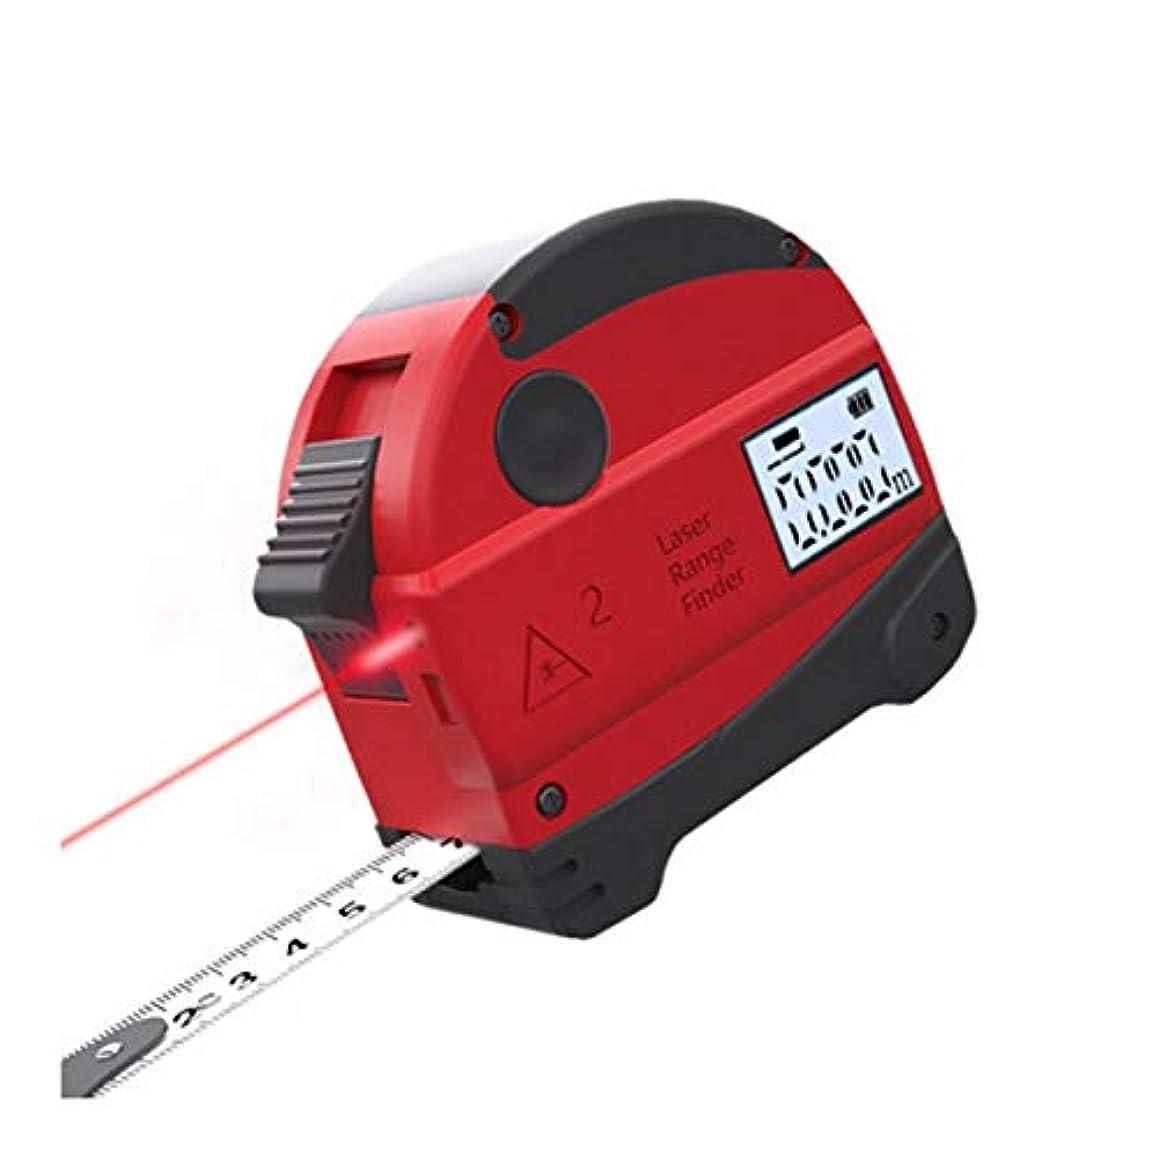 平行楕円形漁師CHAHANG スチール巻尺、レンジファインダー、高精度ハンドヘルド距離測定器、電子定規、インテリジェントデジタルディスプレイ、大工定規、自動ロックスチール巻尺、5mボックス定規測定ツール40M距離測定テープ (Size : A)